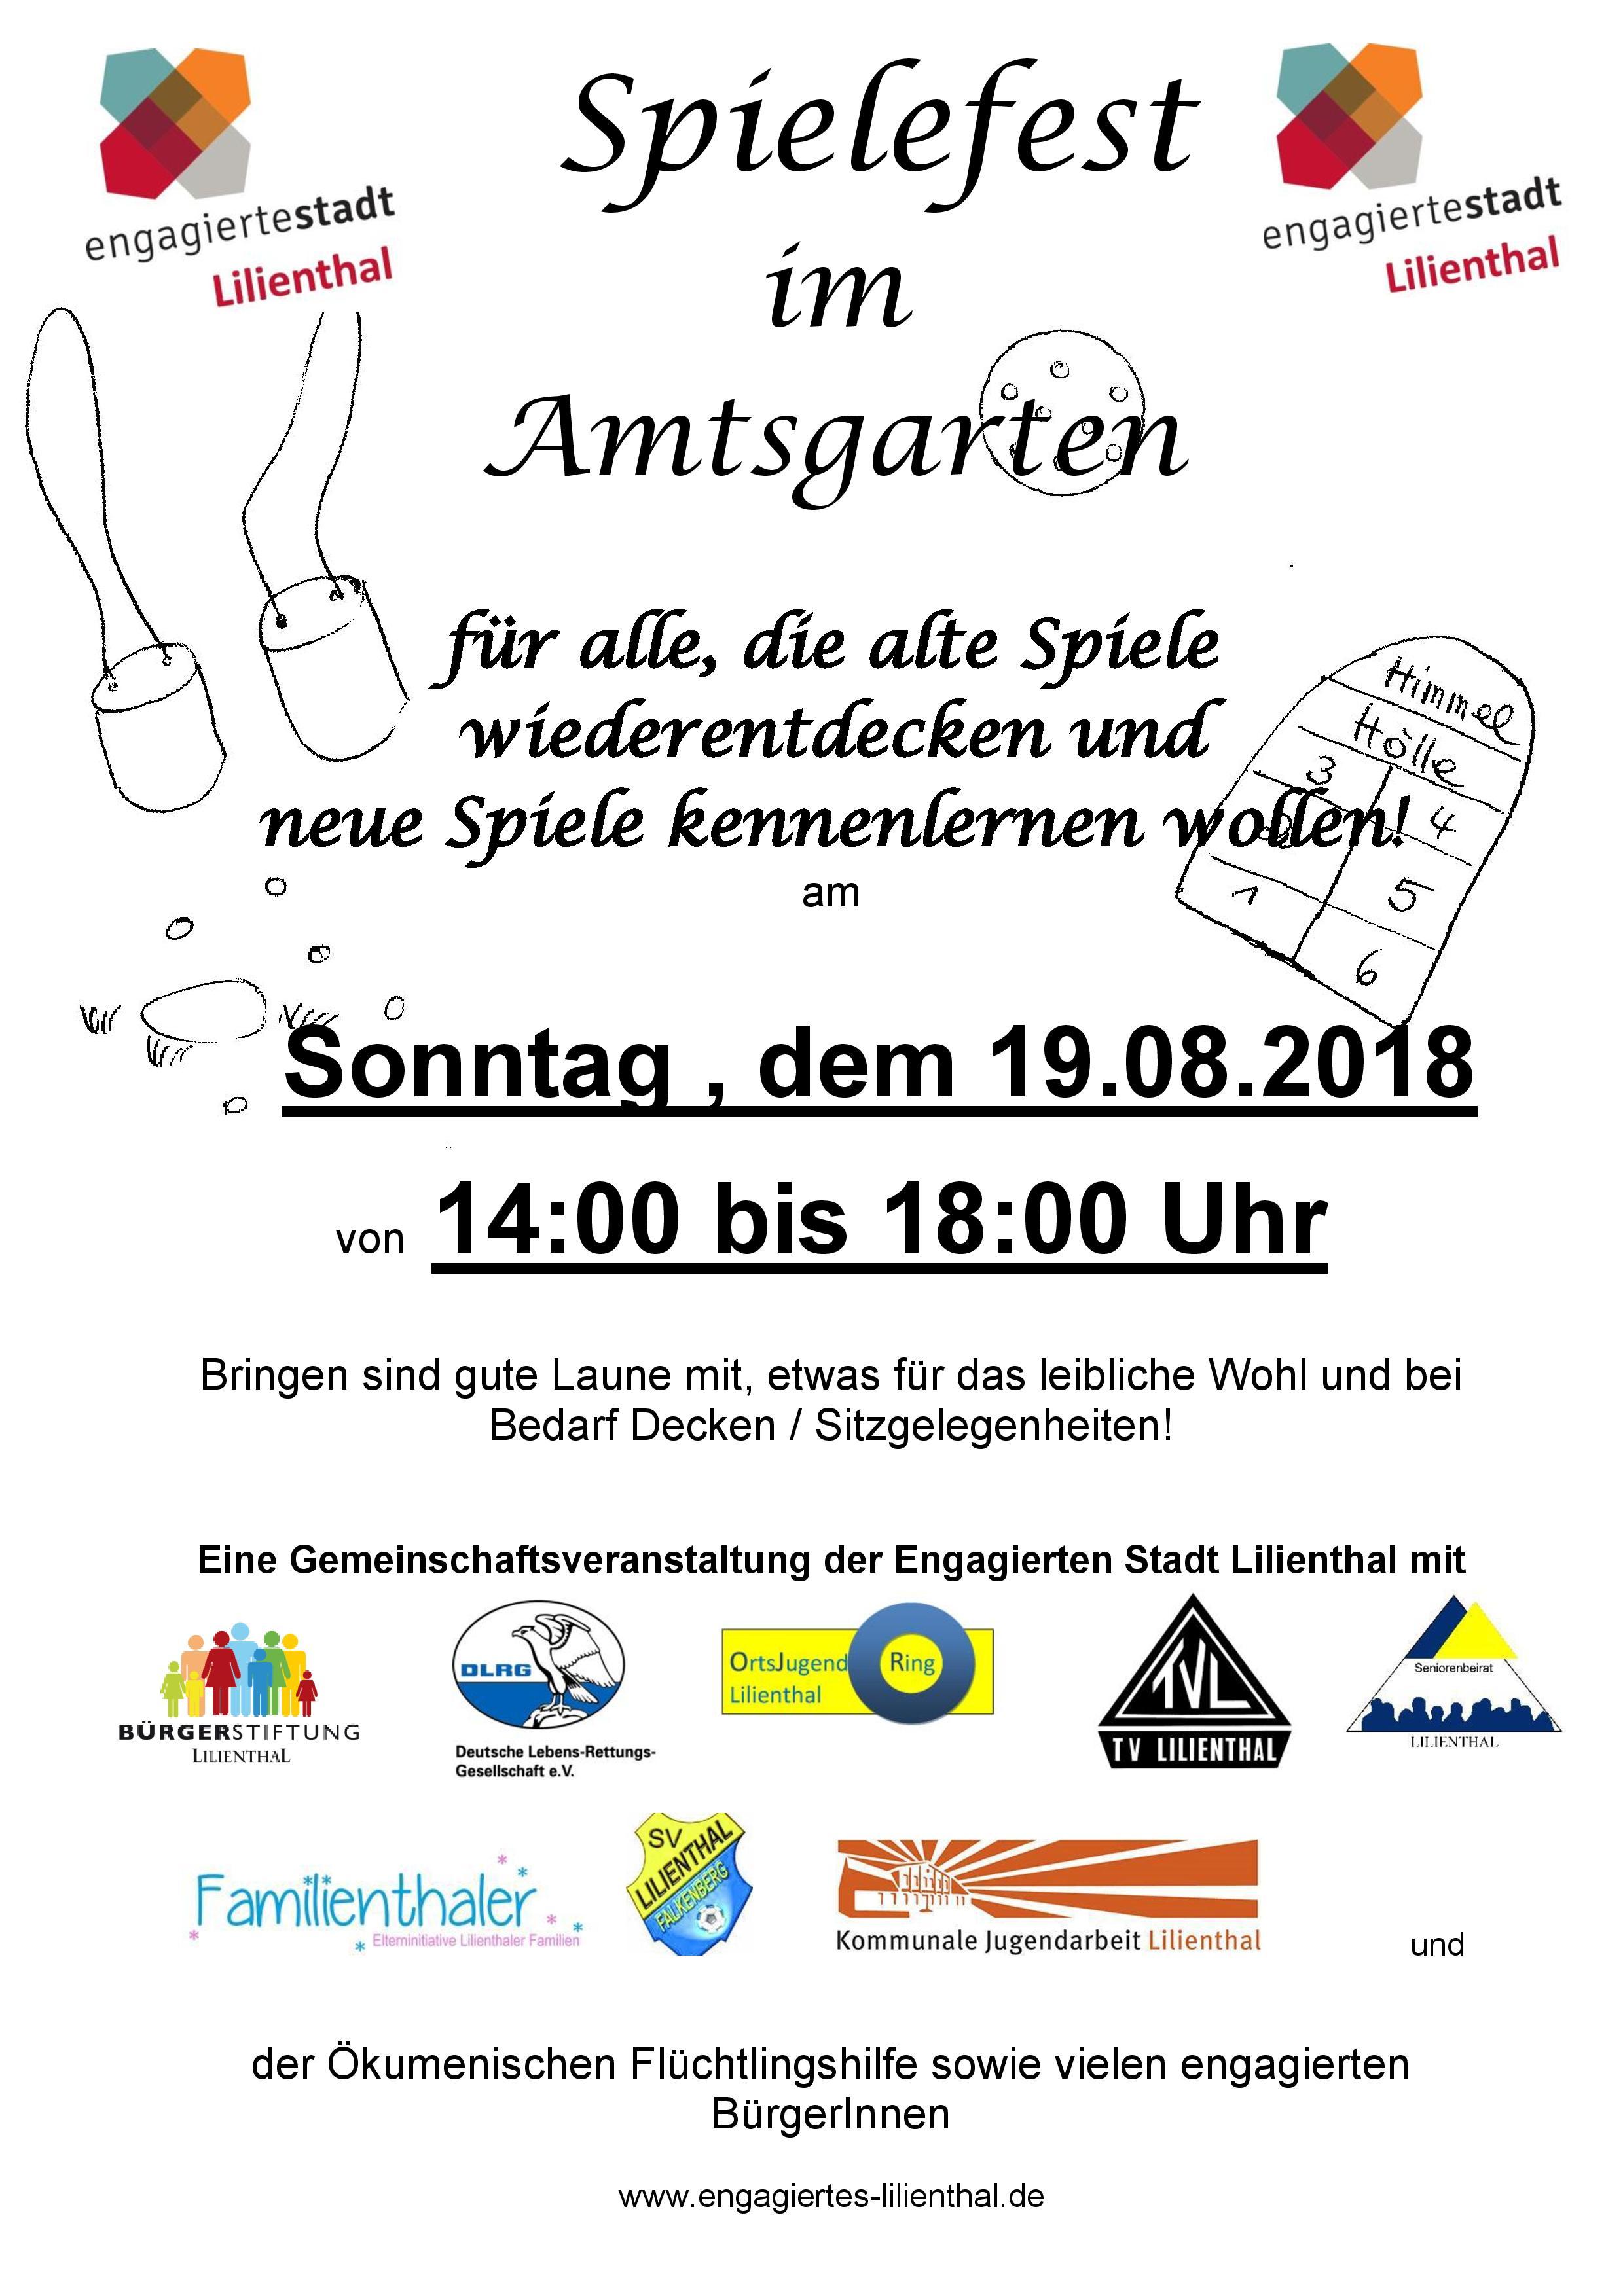 Spielefest 2018